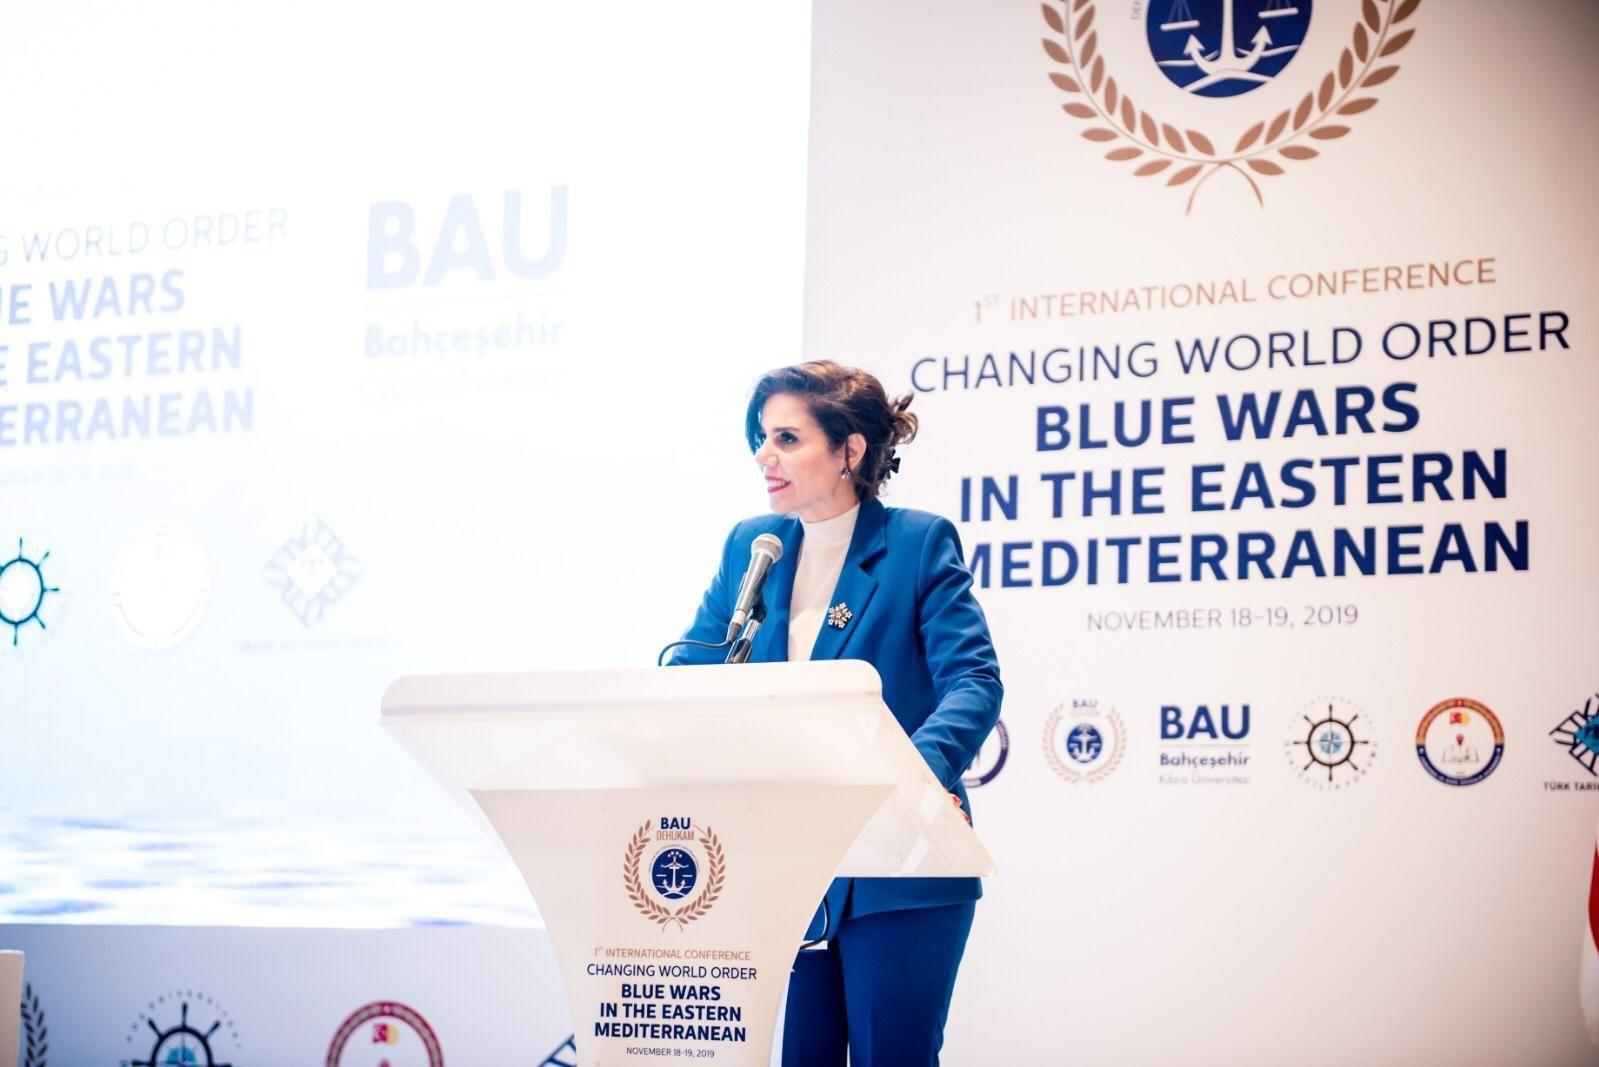 Bahçeşehir Kıbrıs Üniversitesi, Deniz Hukuku Uygulama ve Araştırma Merkezi (BAU-DEHUKA) Direktörü Dr. Emete Gözügüzelli Güney Kıbrıs, İsrail, Yunanistan'ın öncüsü olduğu EastMED boru hat projeleri sadece bir hayaldir. Zira bölgede Türkiye dahil edilmeksizin herhangi bir adım atmaları mümkün değildir dedi.